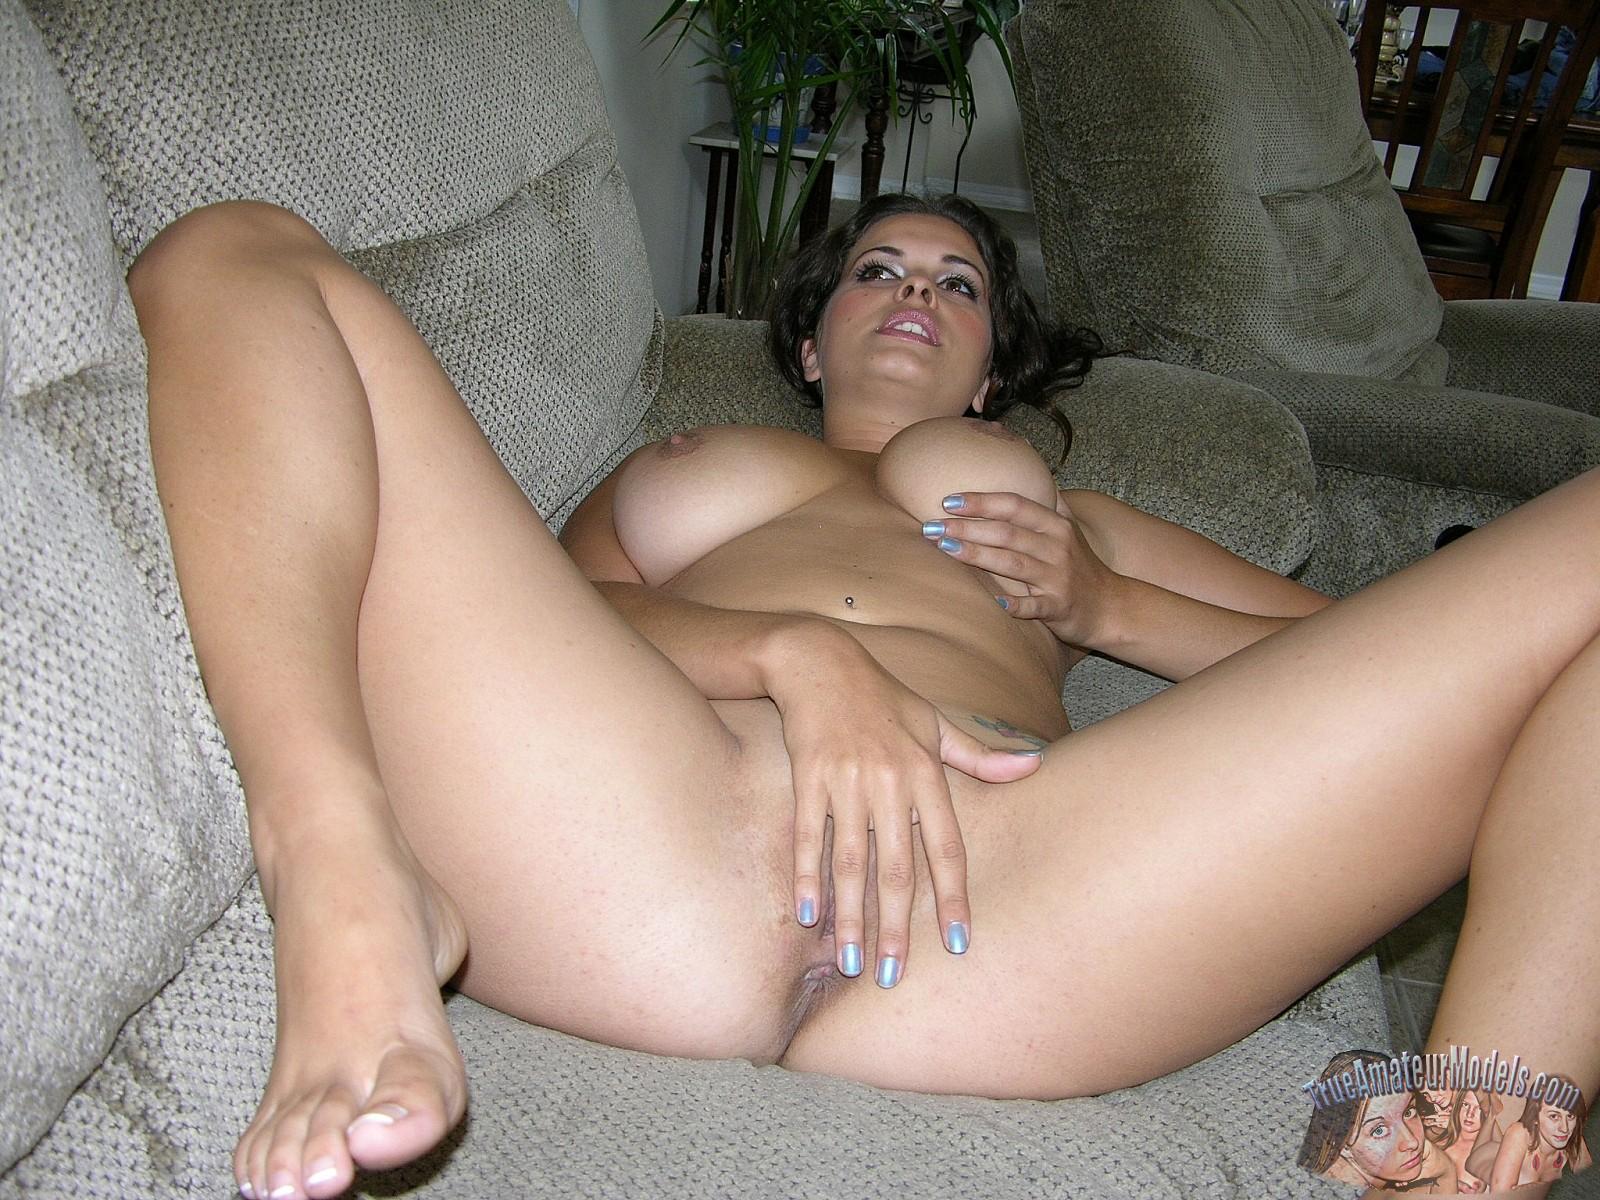 Full size erotic clothing